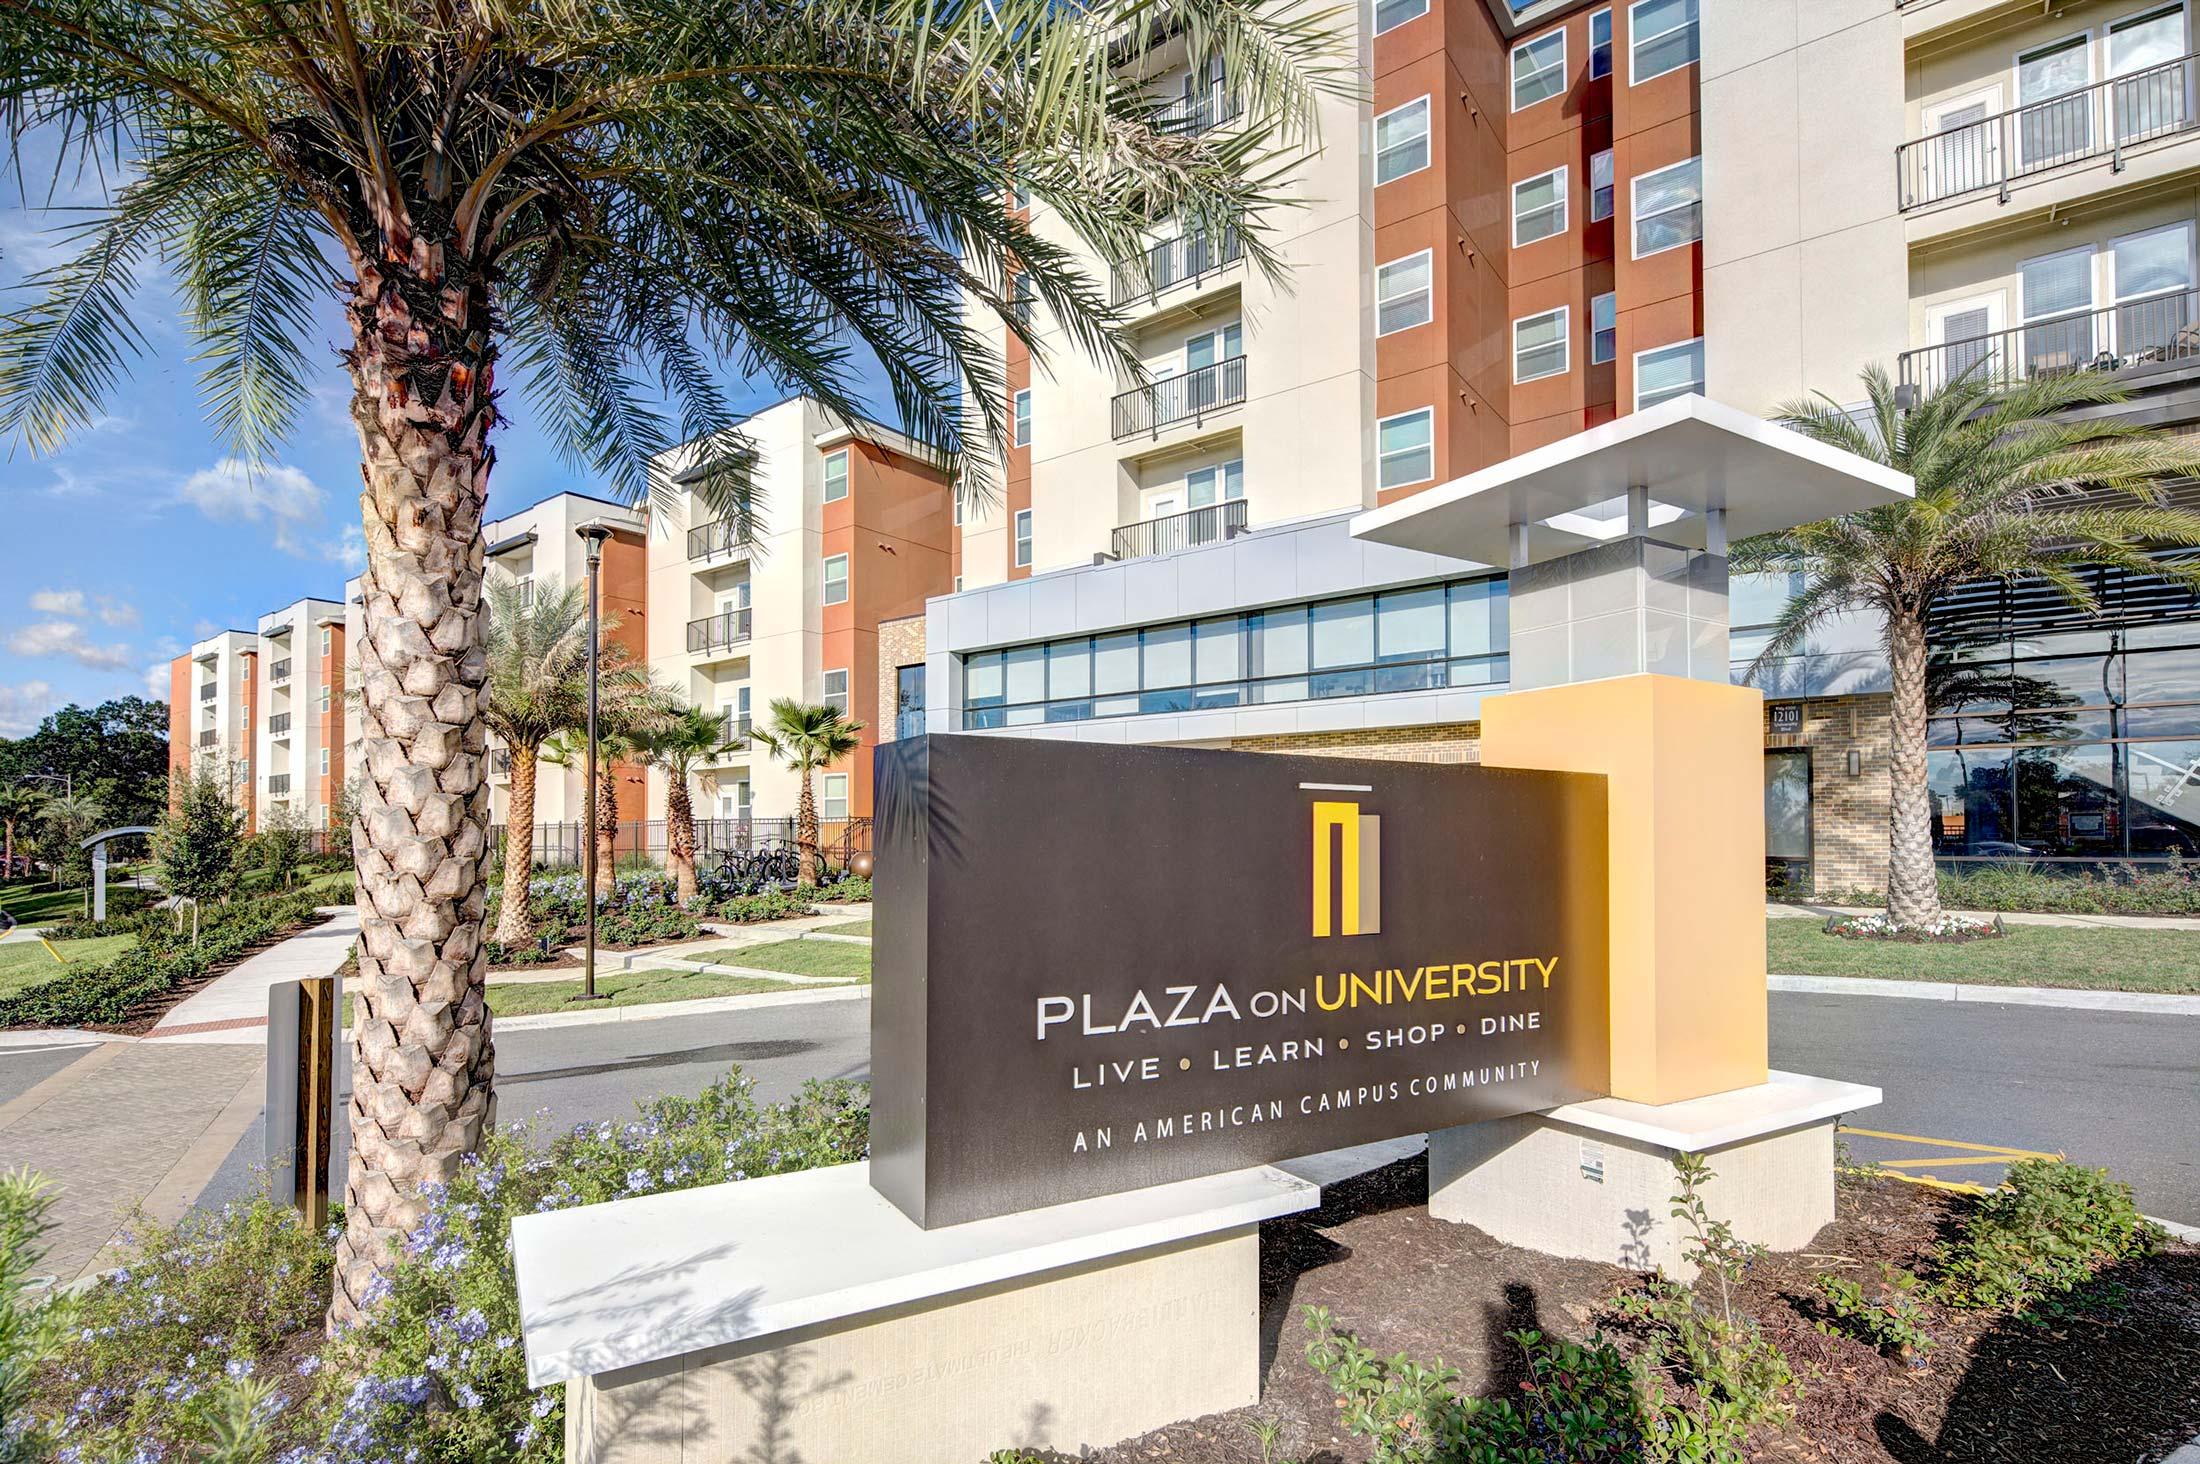 PlazaOnUniversity_Signage.jpg